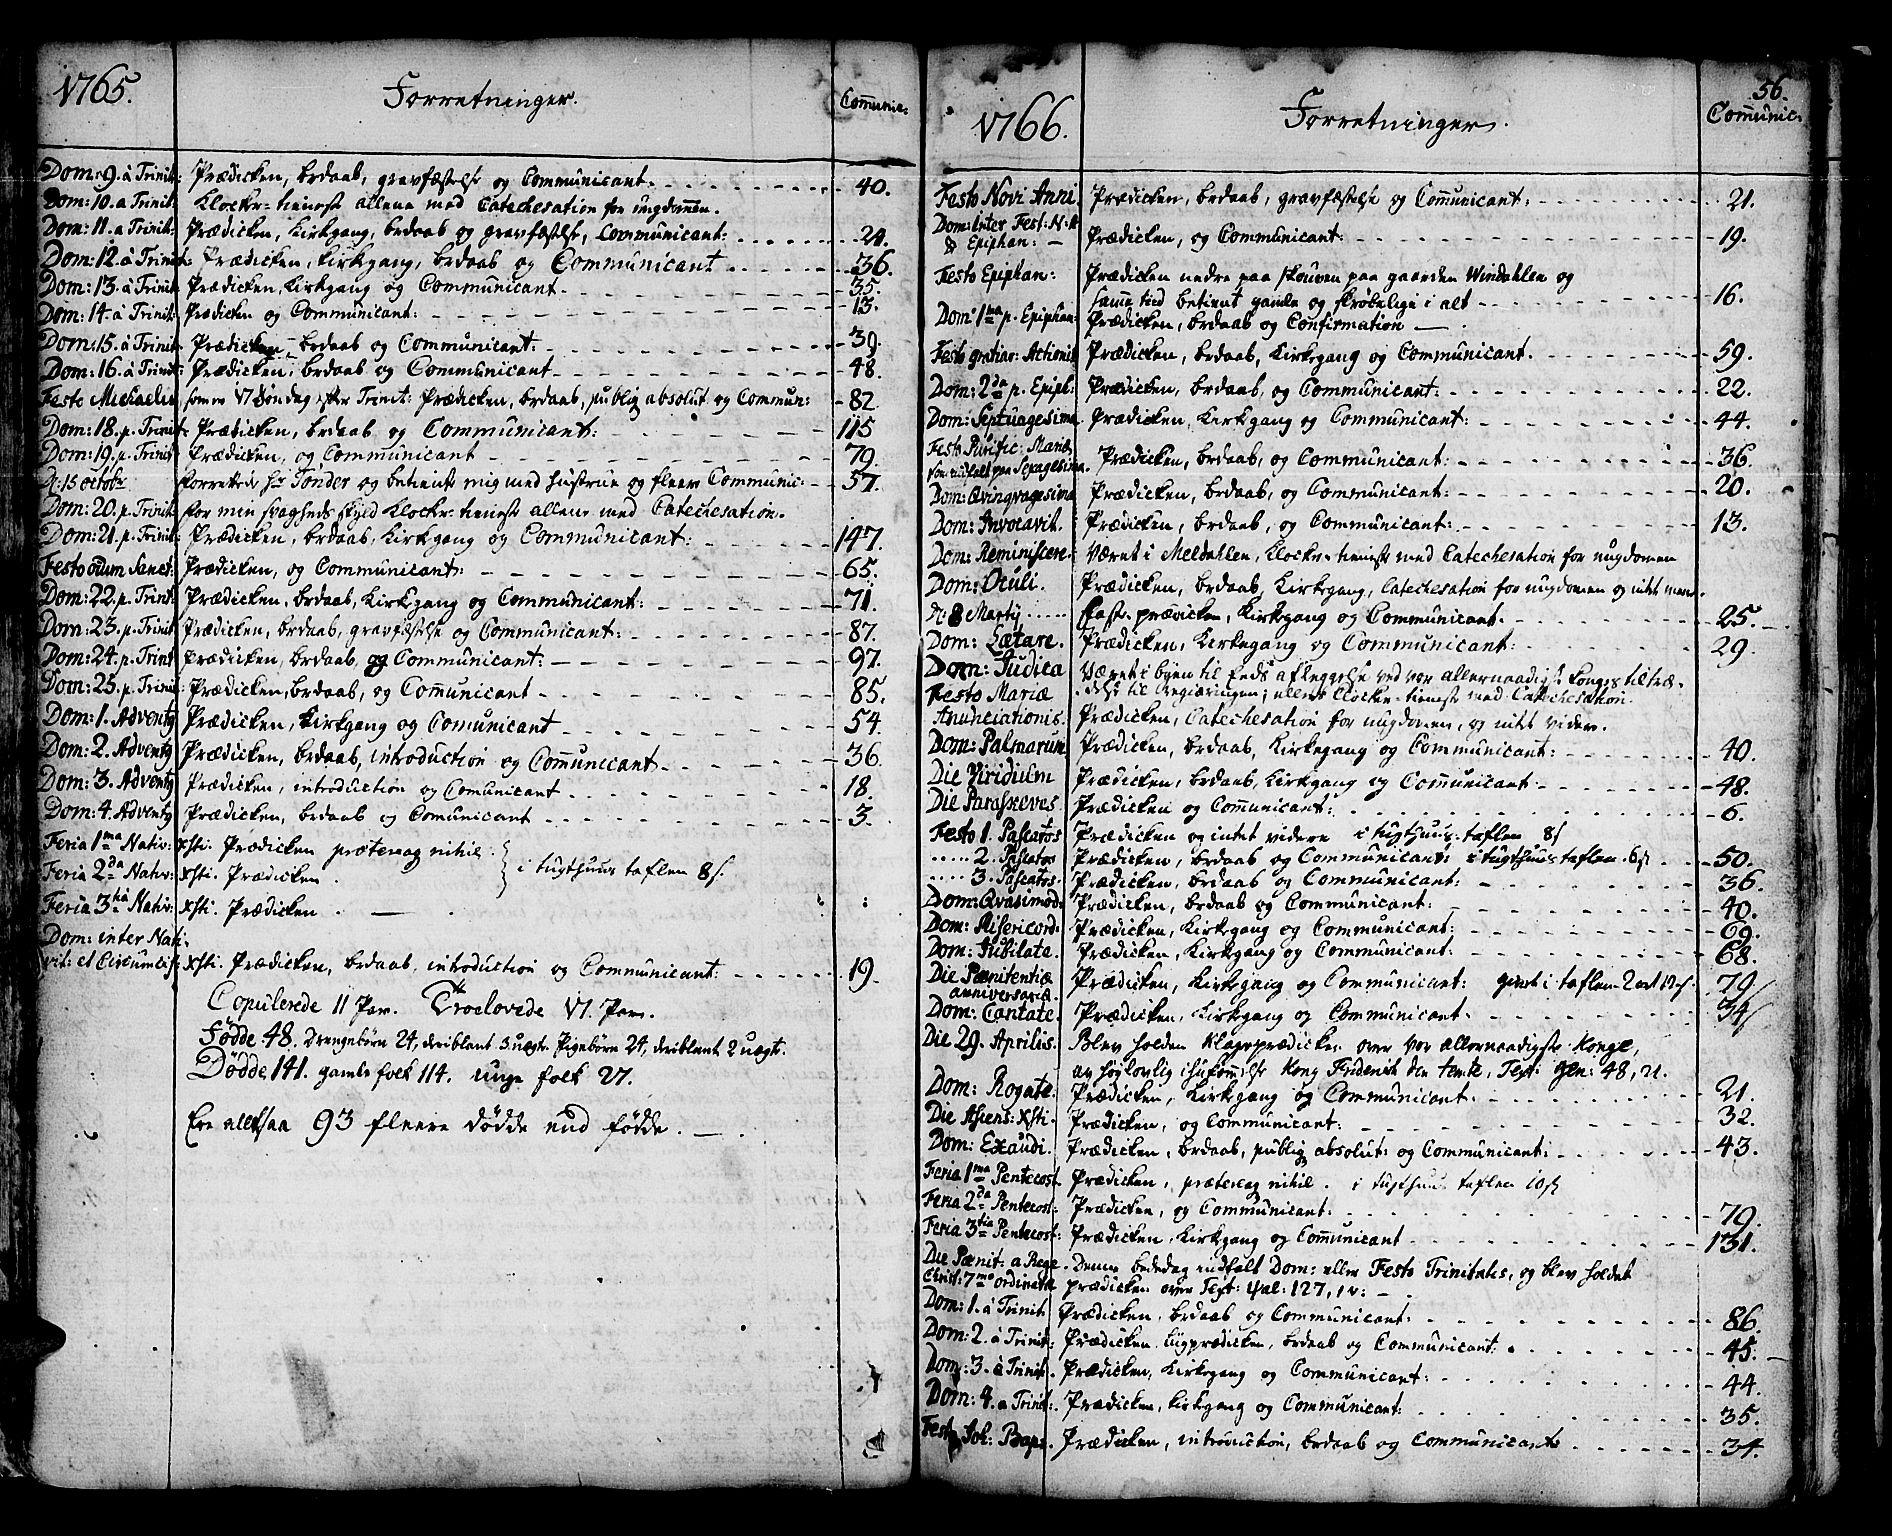 SAT, Ministerialprotokoller, klokkerbøker og fødselsregistre - Sør-Trøndelag, 678/L0891: Ministerialbok nr. 678A01, 1739-1780, s. 56